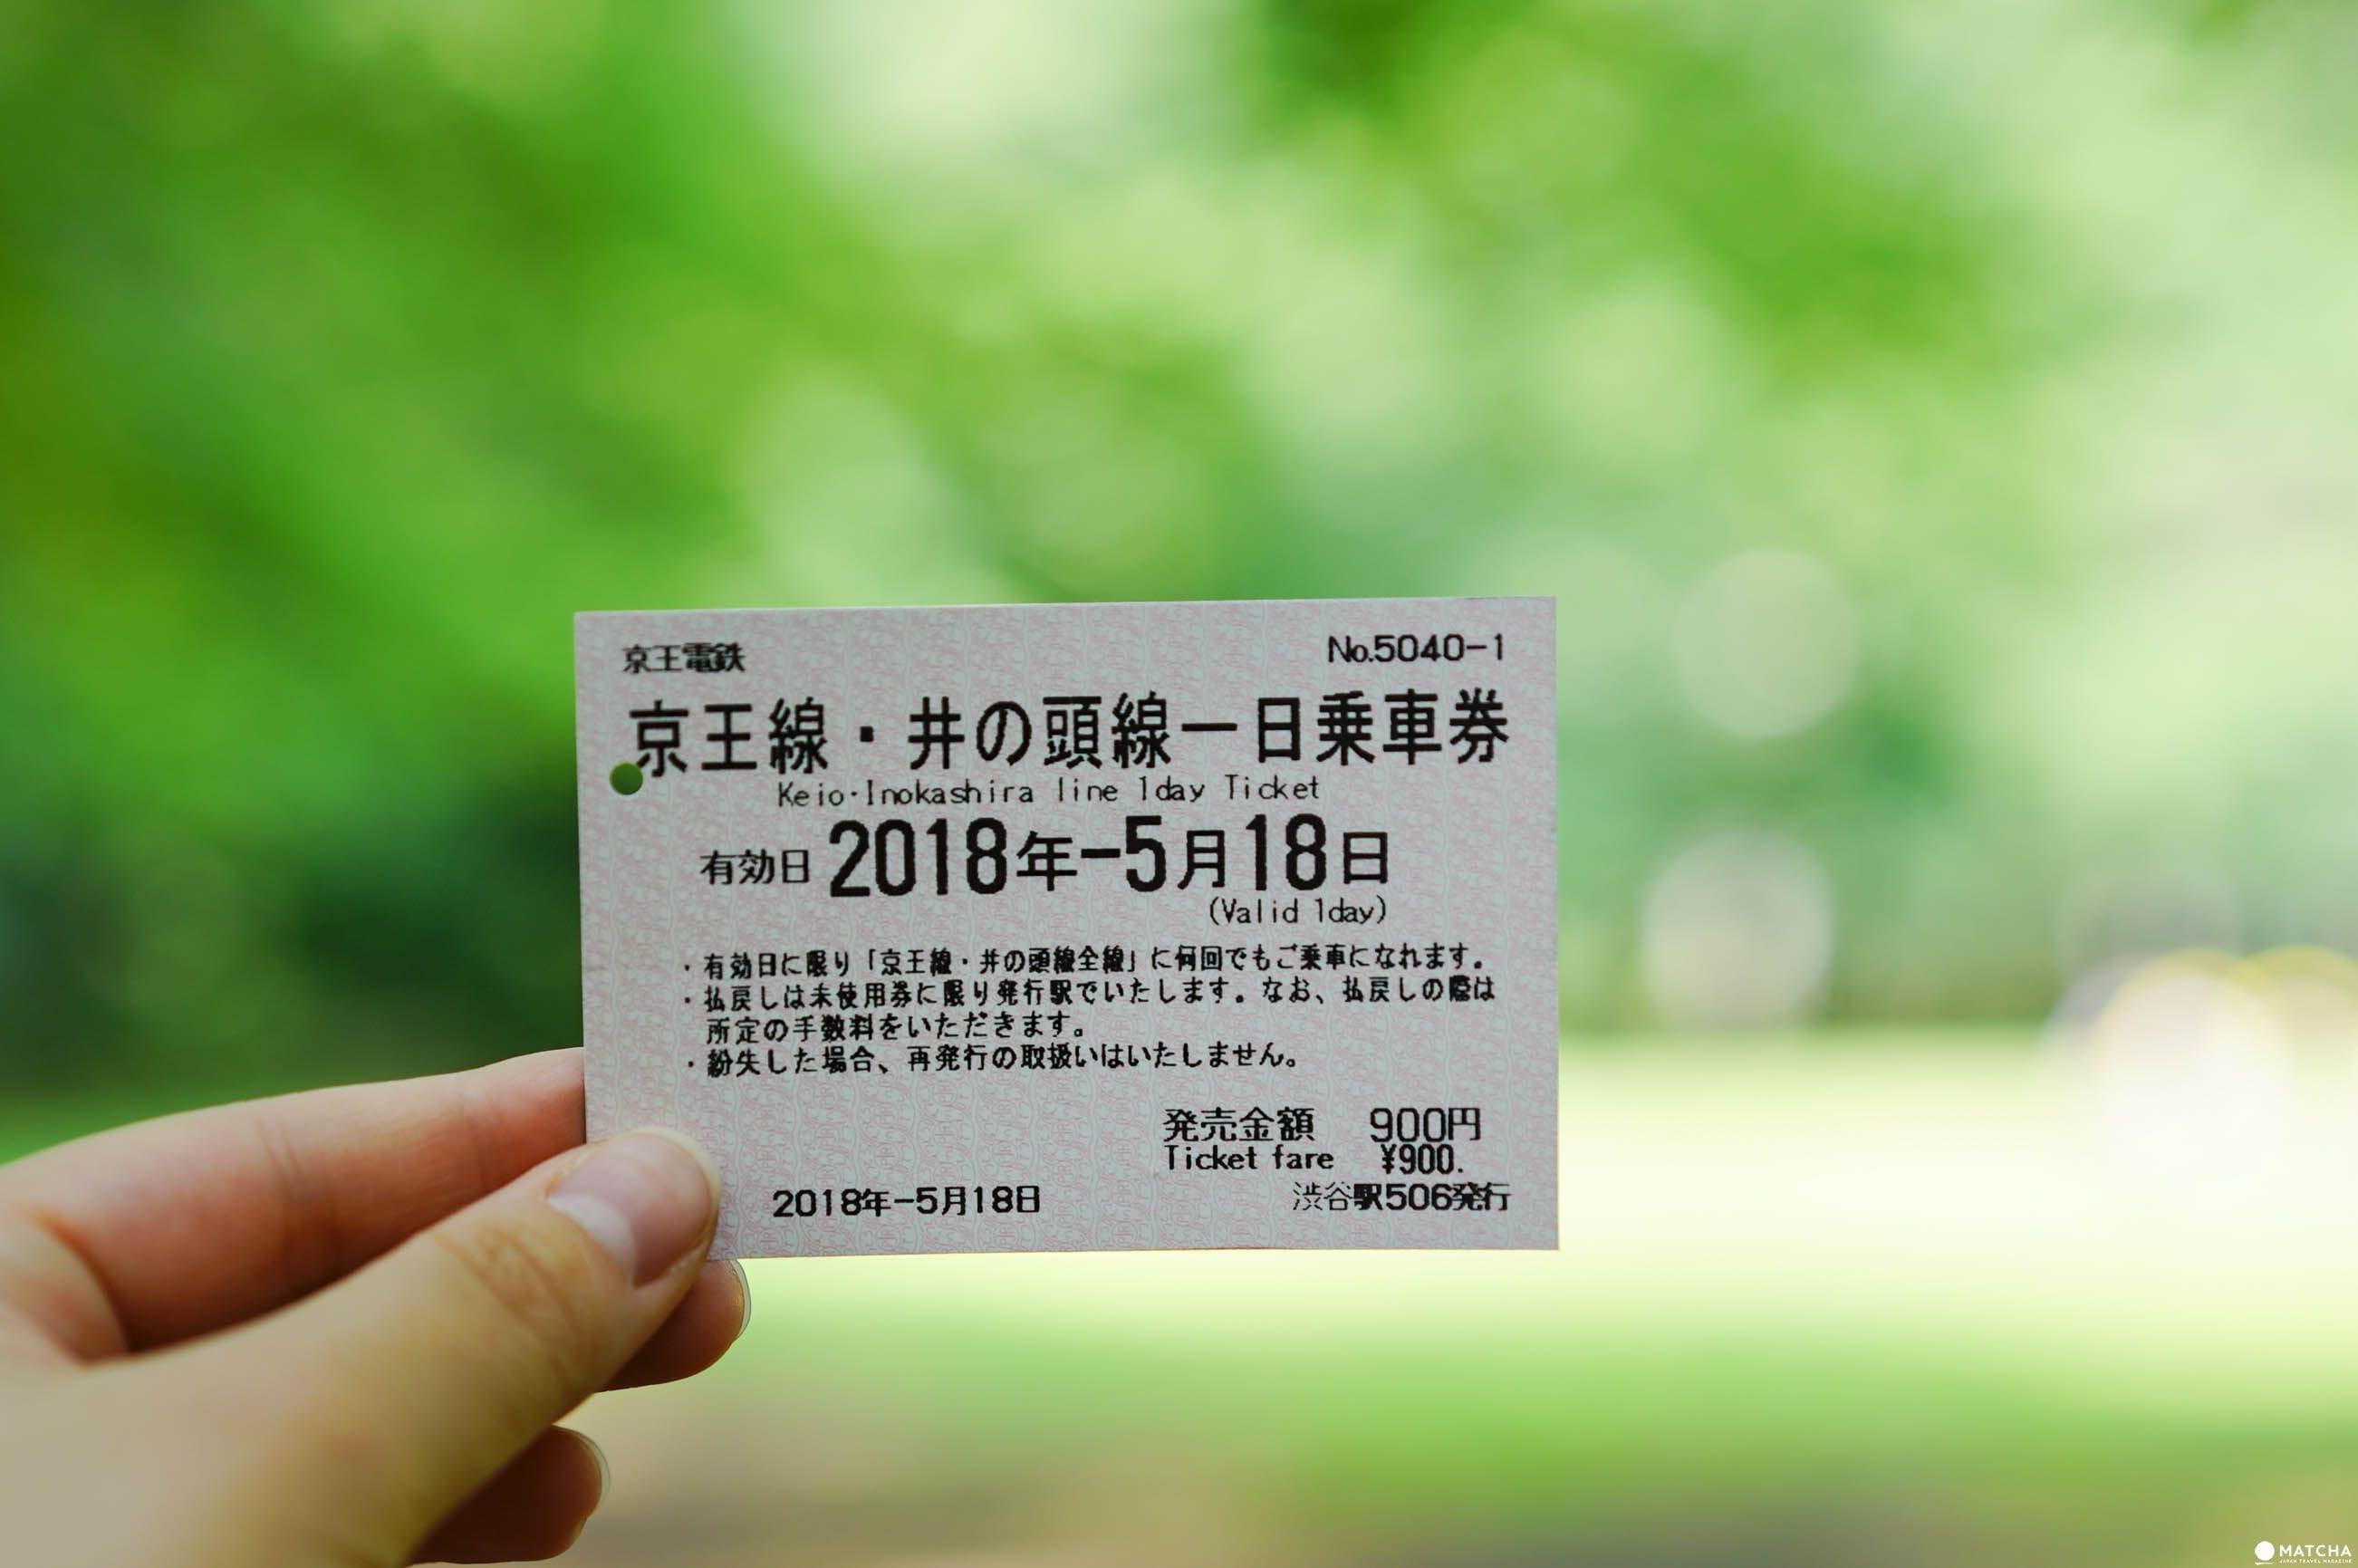 京王線・井之頭線一日乘車券